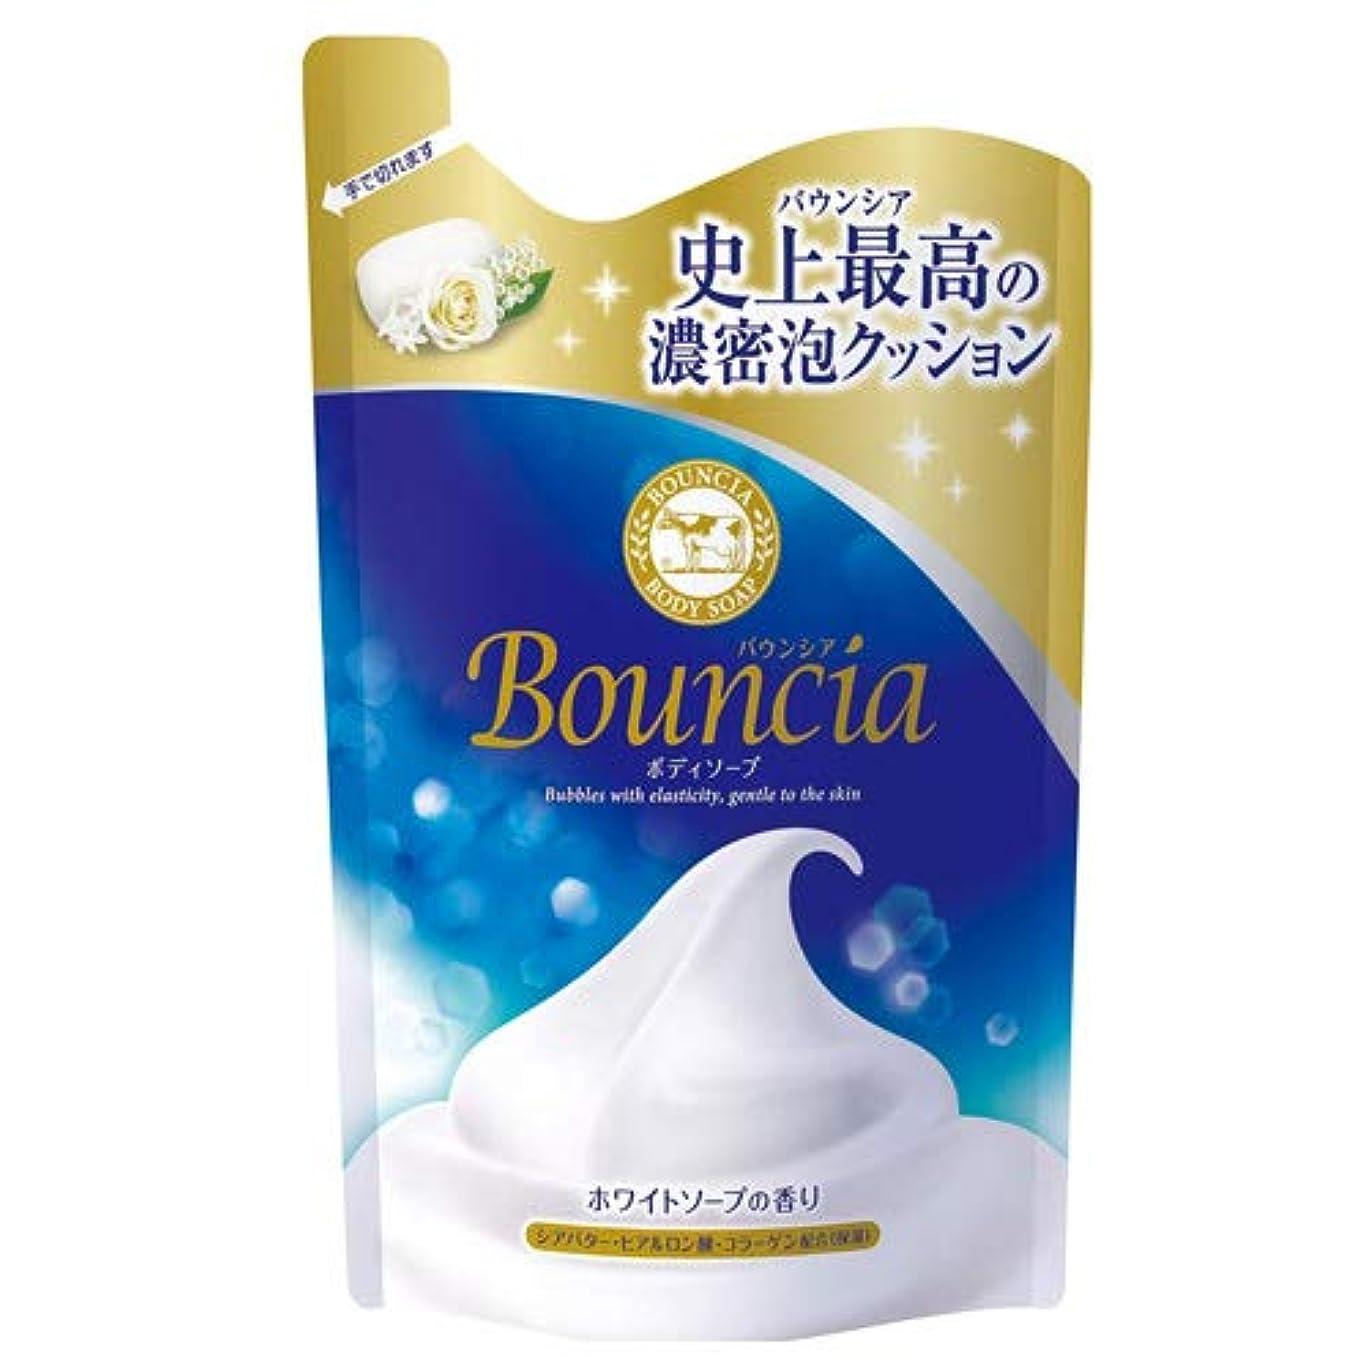 自発的ミスペンドビタミン牛乳石鹸 バウンシア ボディソープ 詰替用 400ml×4個